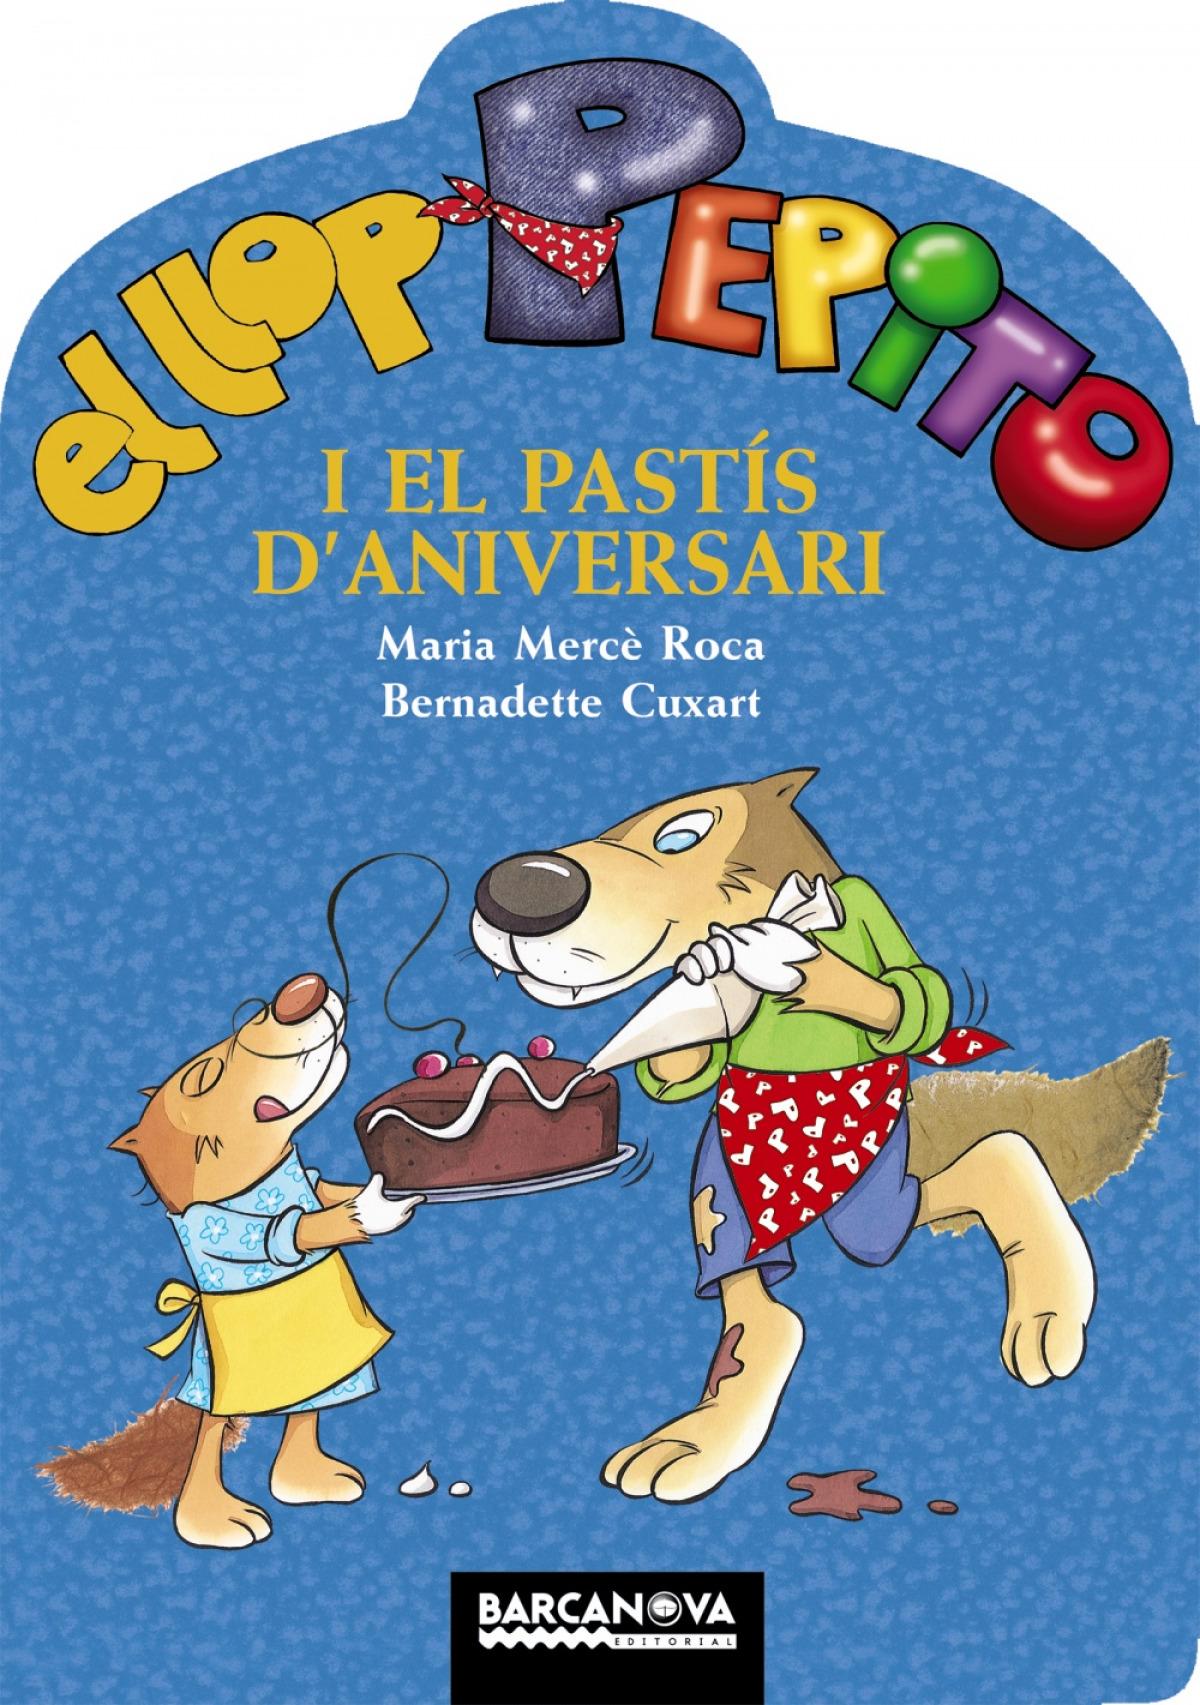 El llop Pepito i el pastís d'aniversari